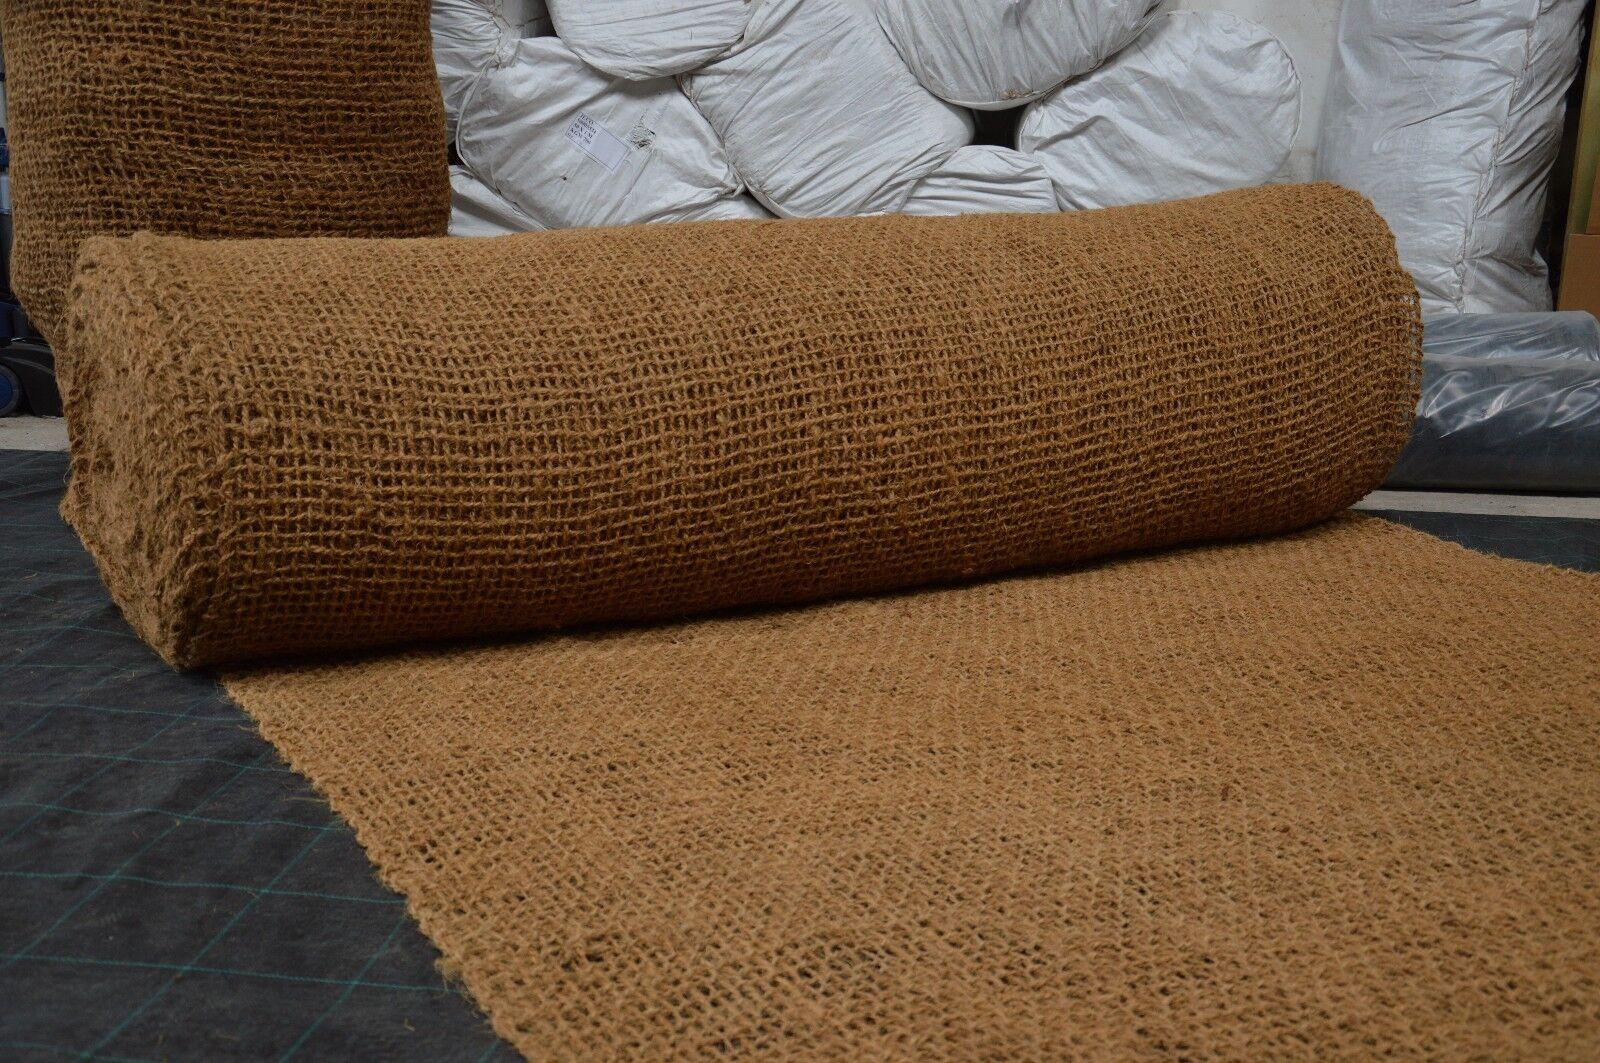 m² Kokosmatte 10,00 x 2,00 m Kokos Matte Bewuchsmatte Pflanzmatte Teich